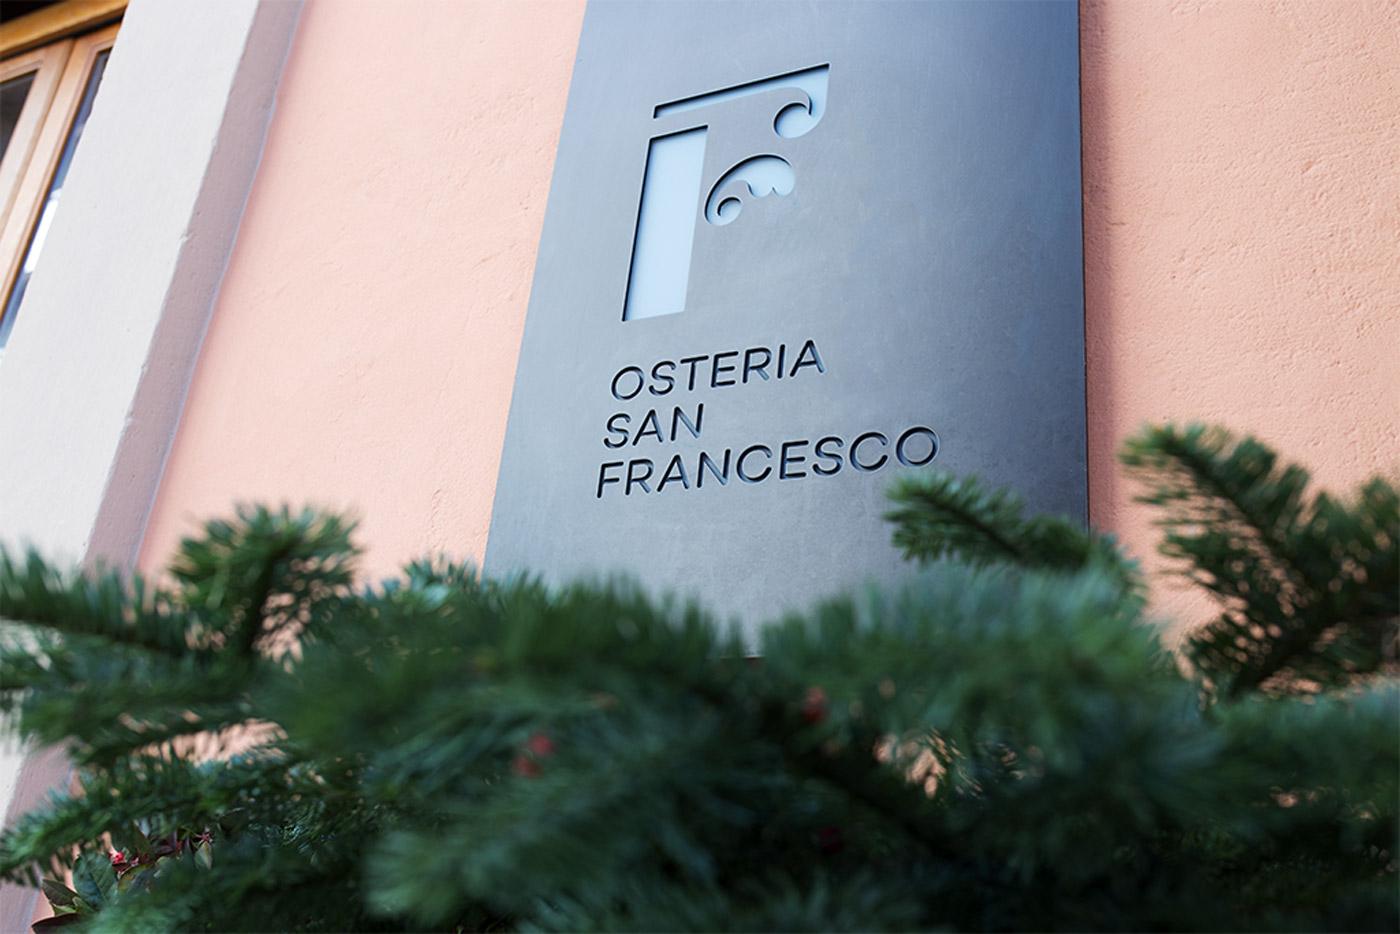 osteria san francesco brand ego55